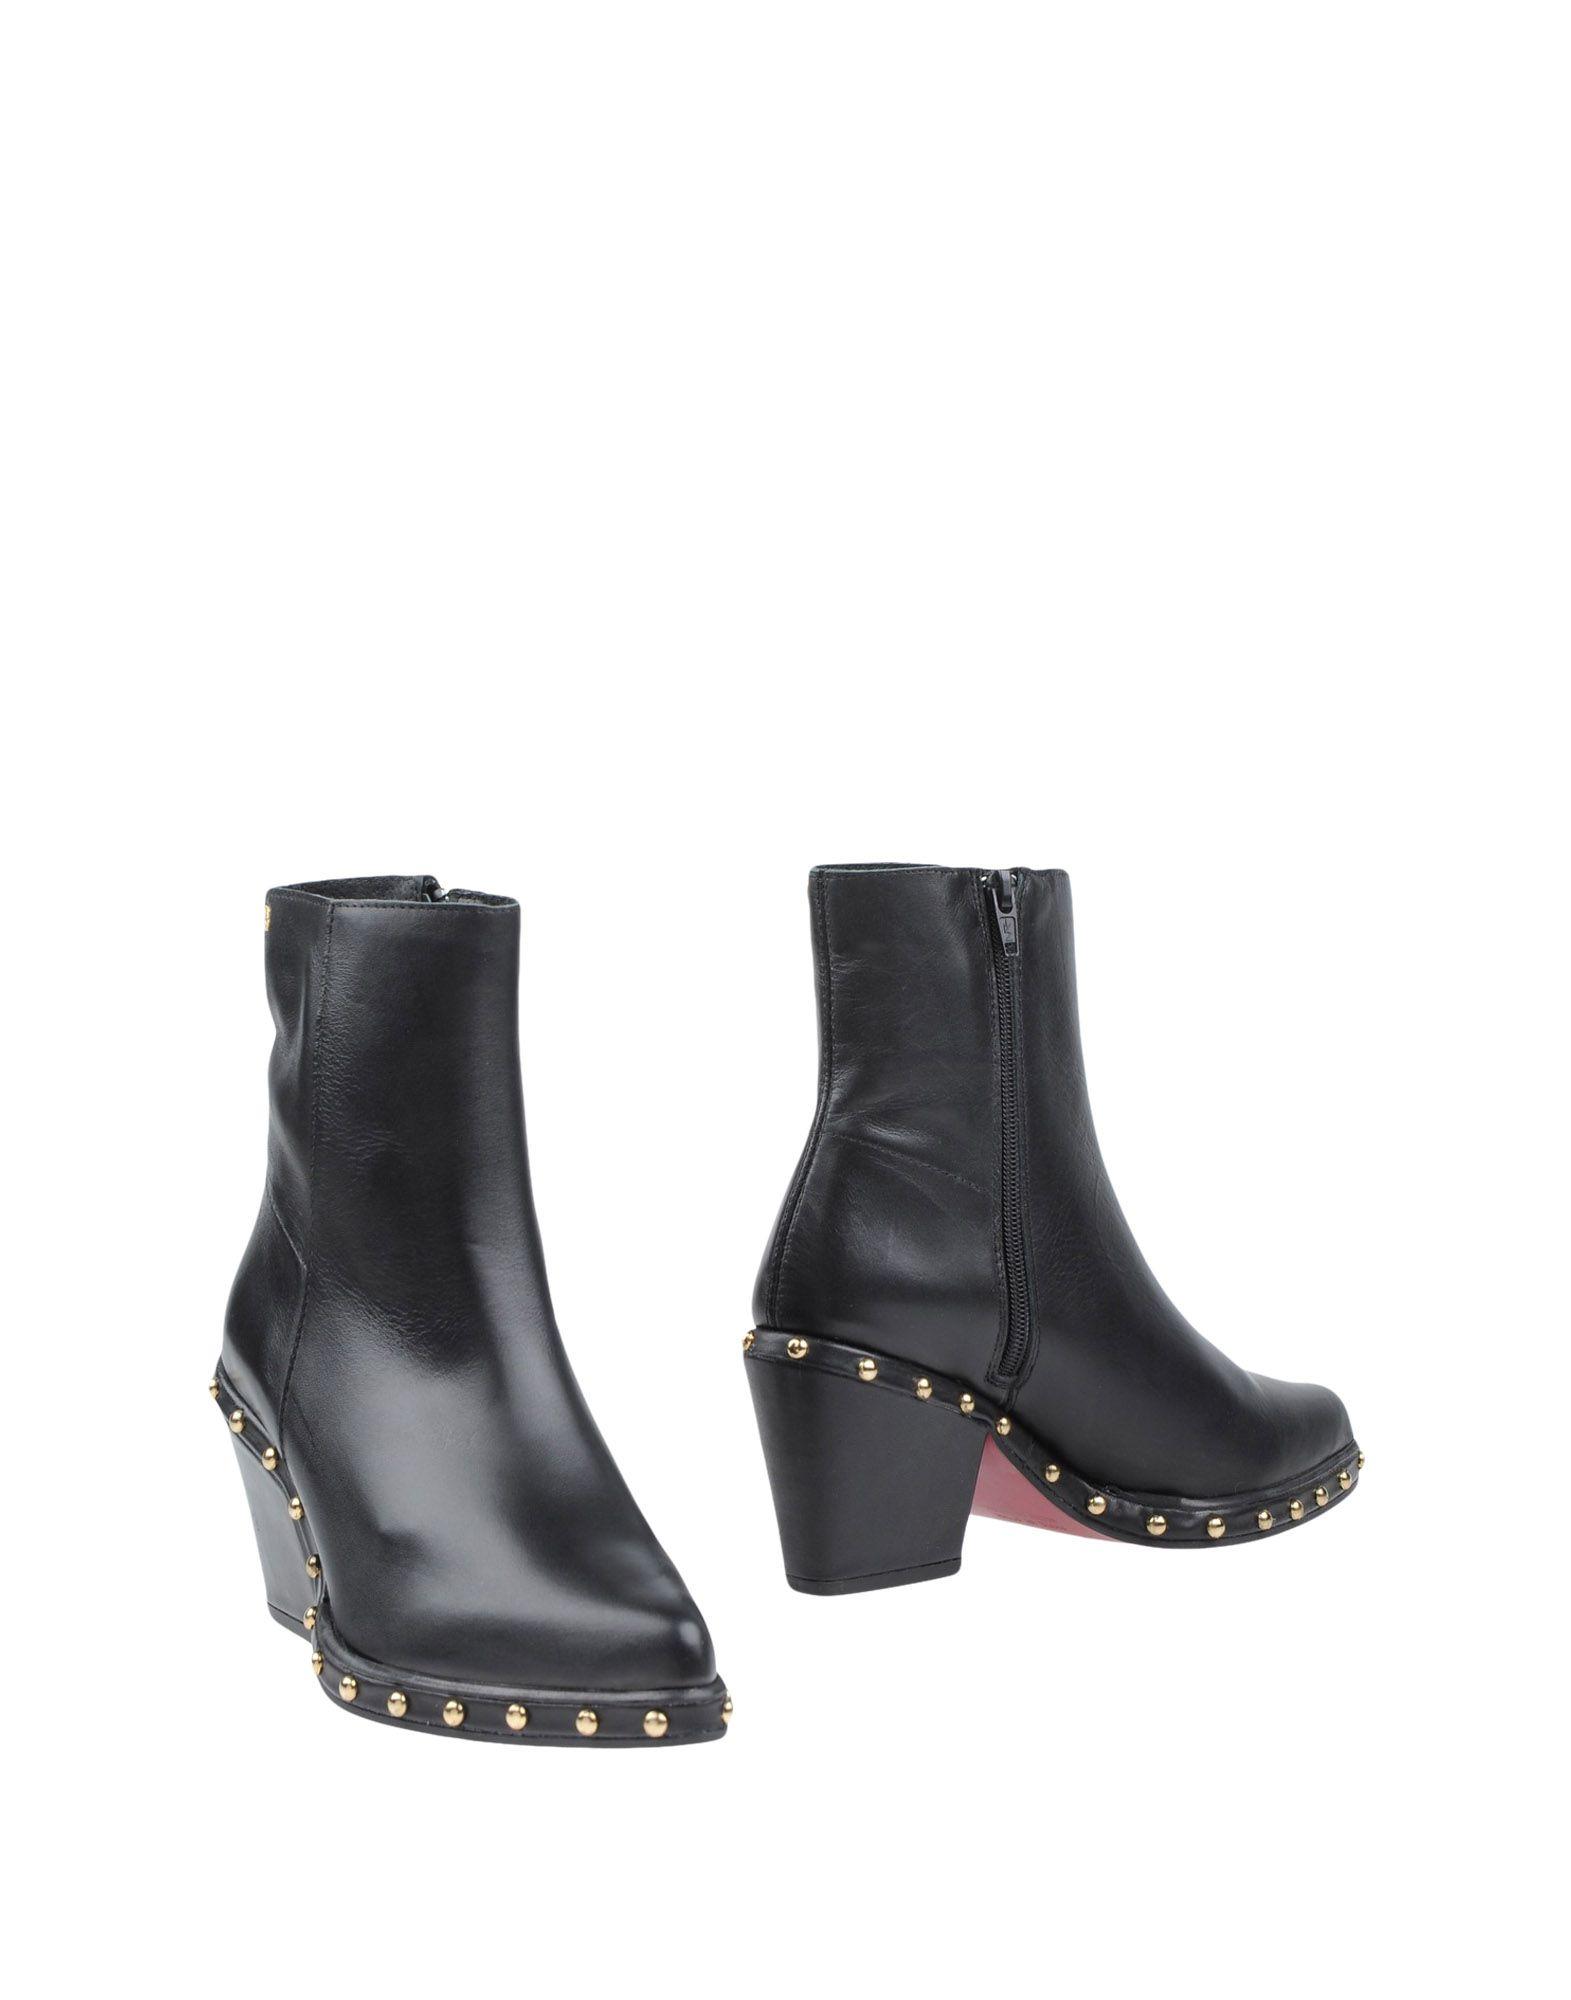 Cuplé Ankle Boot - Women Cuplé Ankle Boots Boots Ankle online on  United Kingdom - 11315513JR 1045d6